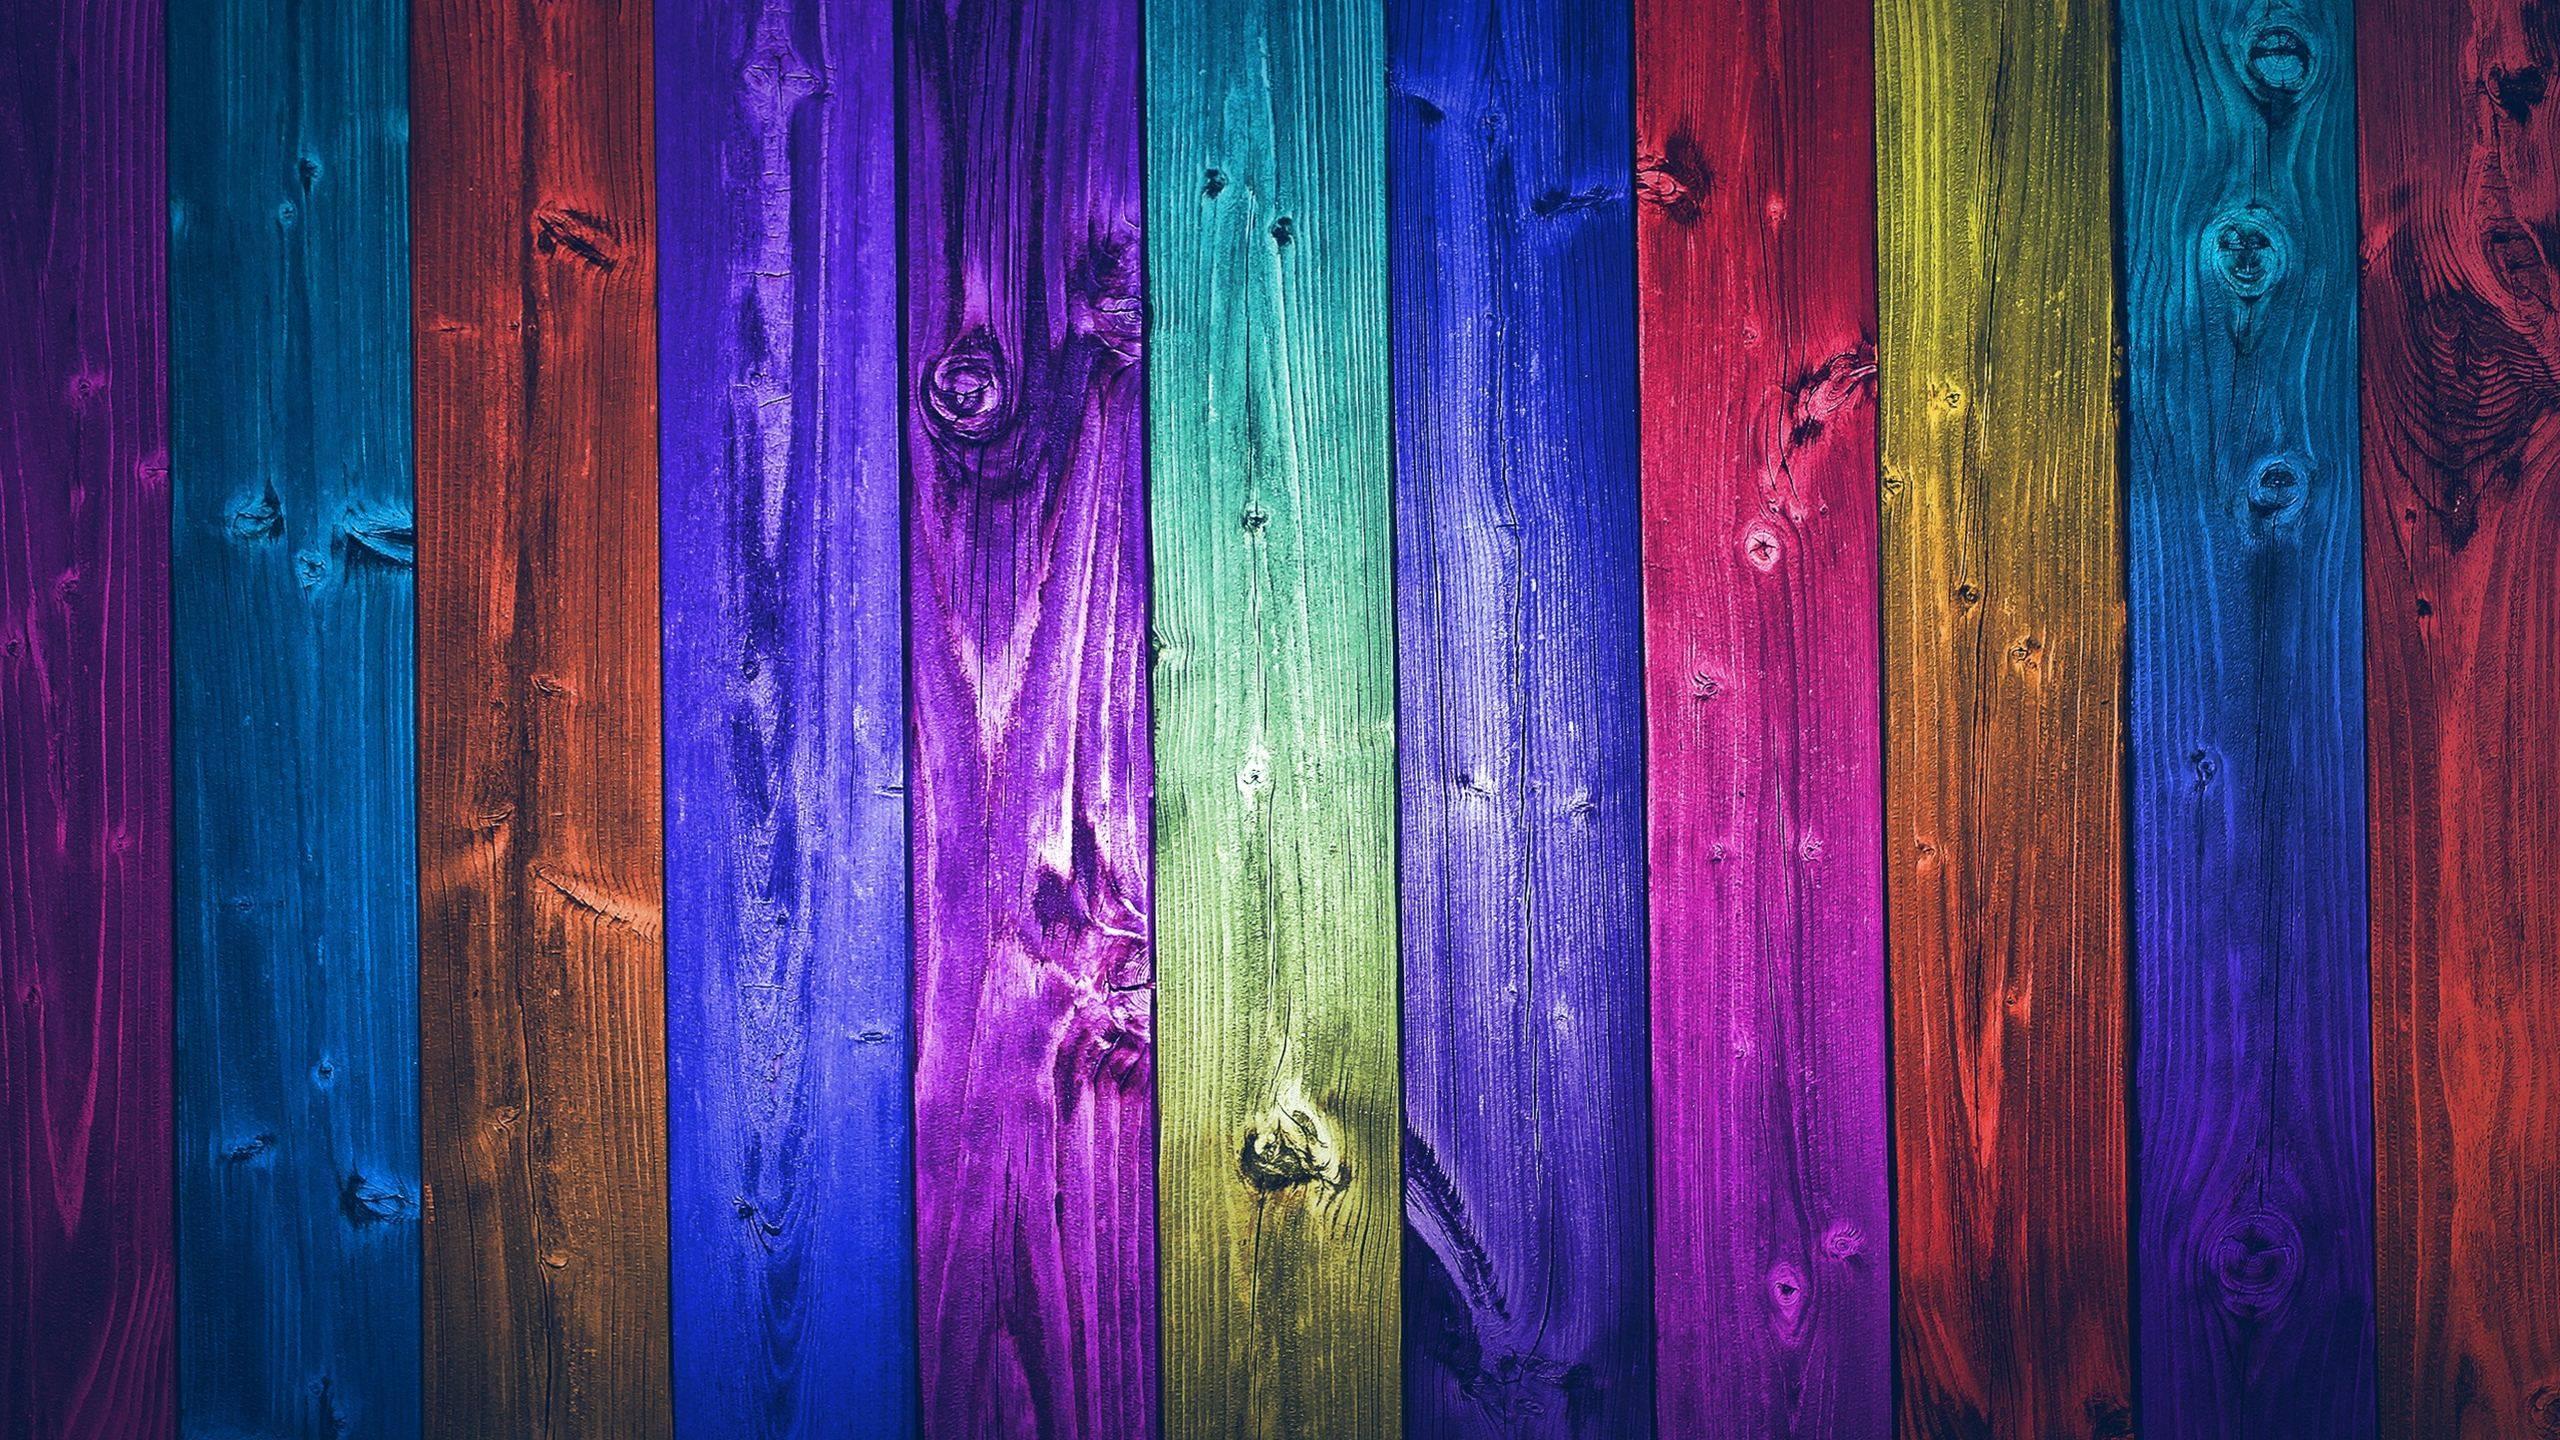 Люминесцентные краски: виды, применение, изготовление своими руками